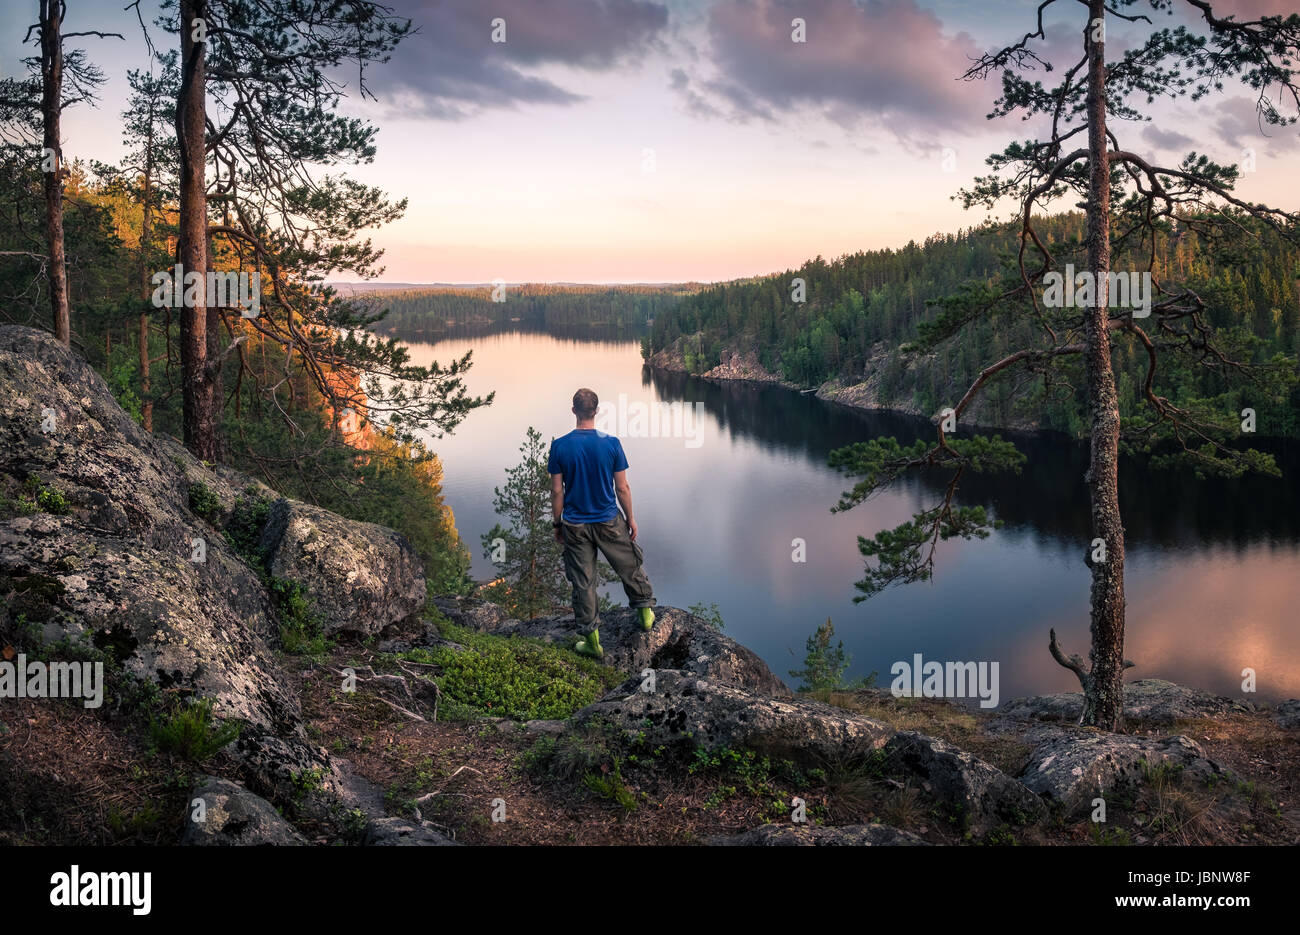 Escursionista in piedi in cima alla collina anteriore del bellissimo paesaggio idillico Immagini Stock